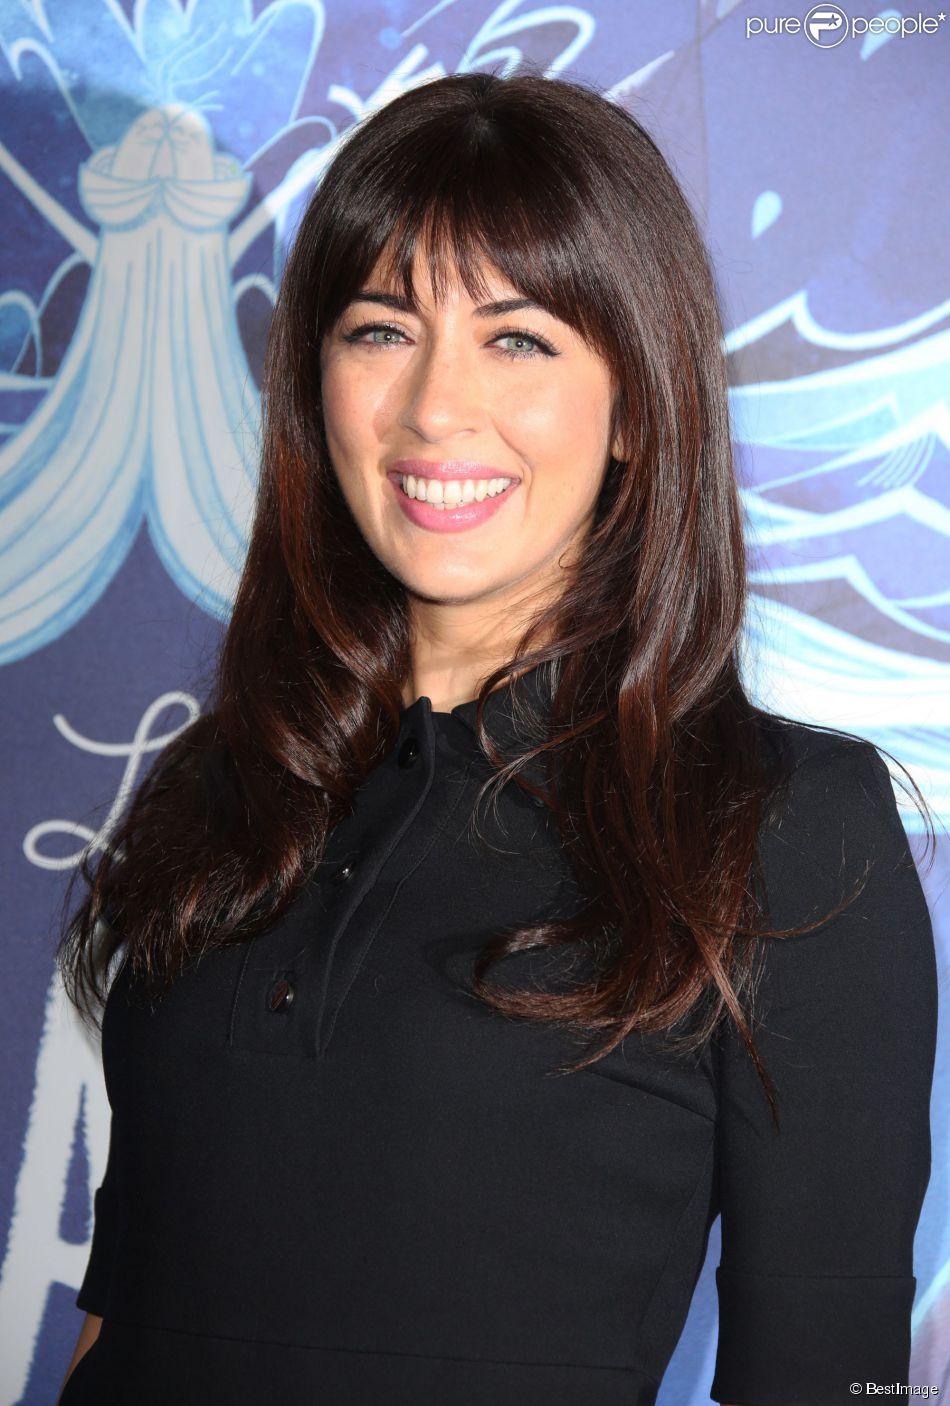 Chloe Riley